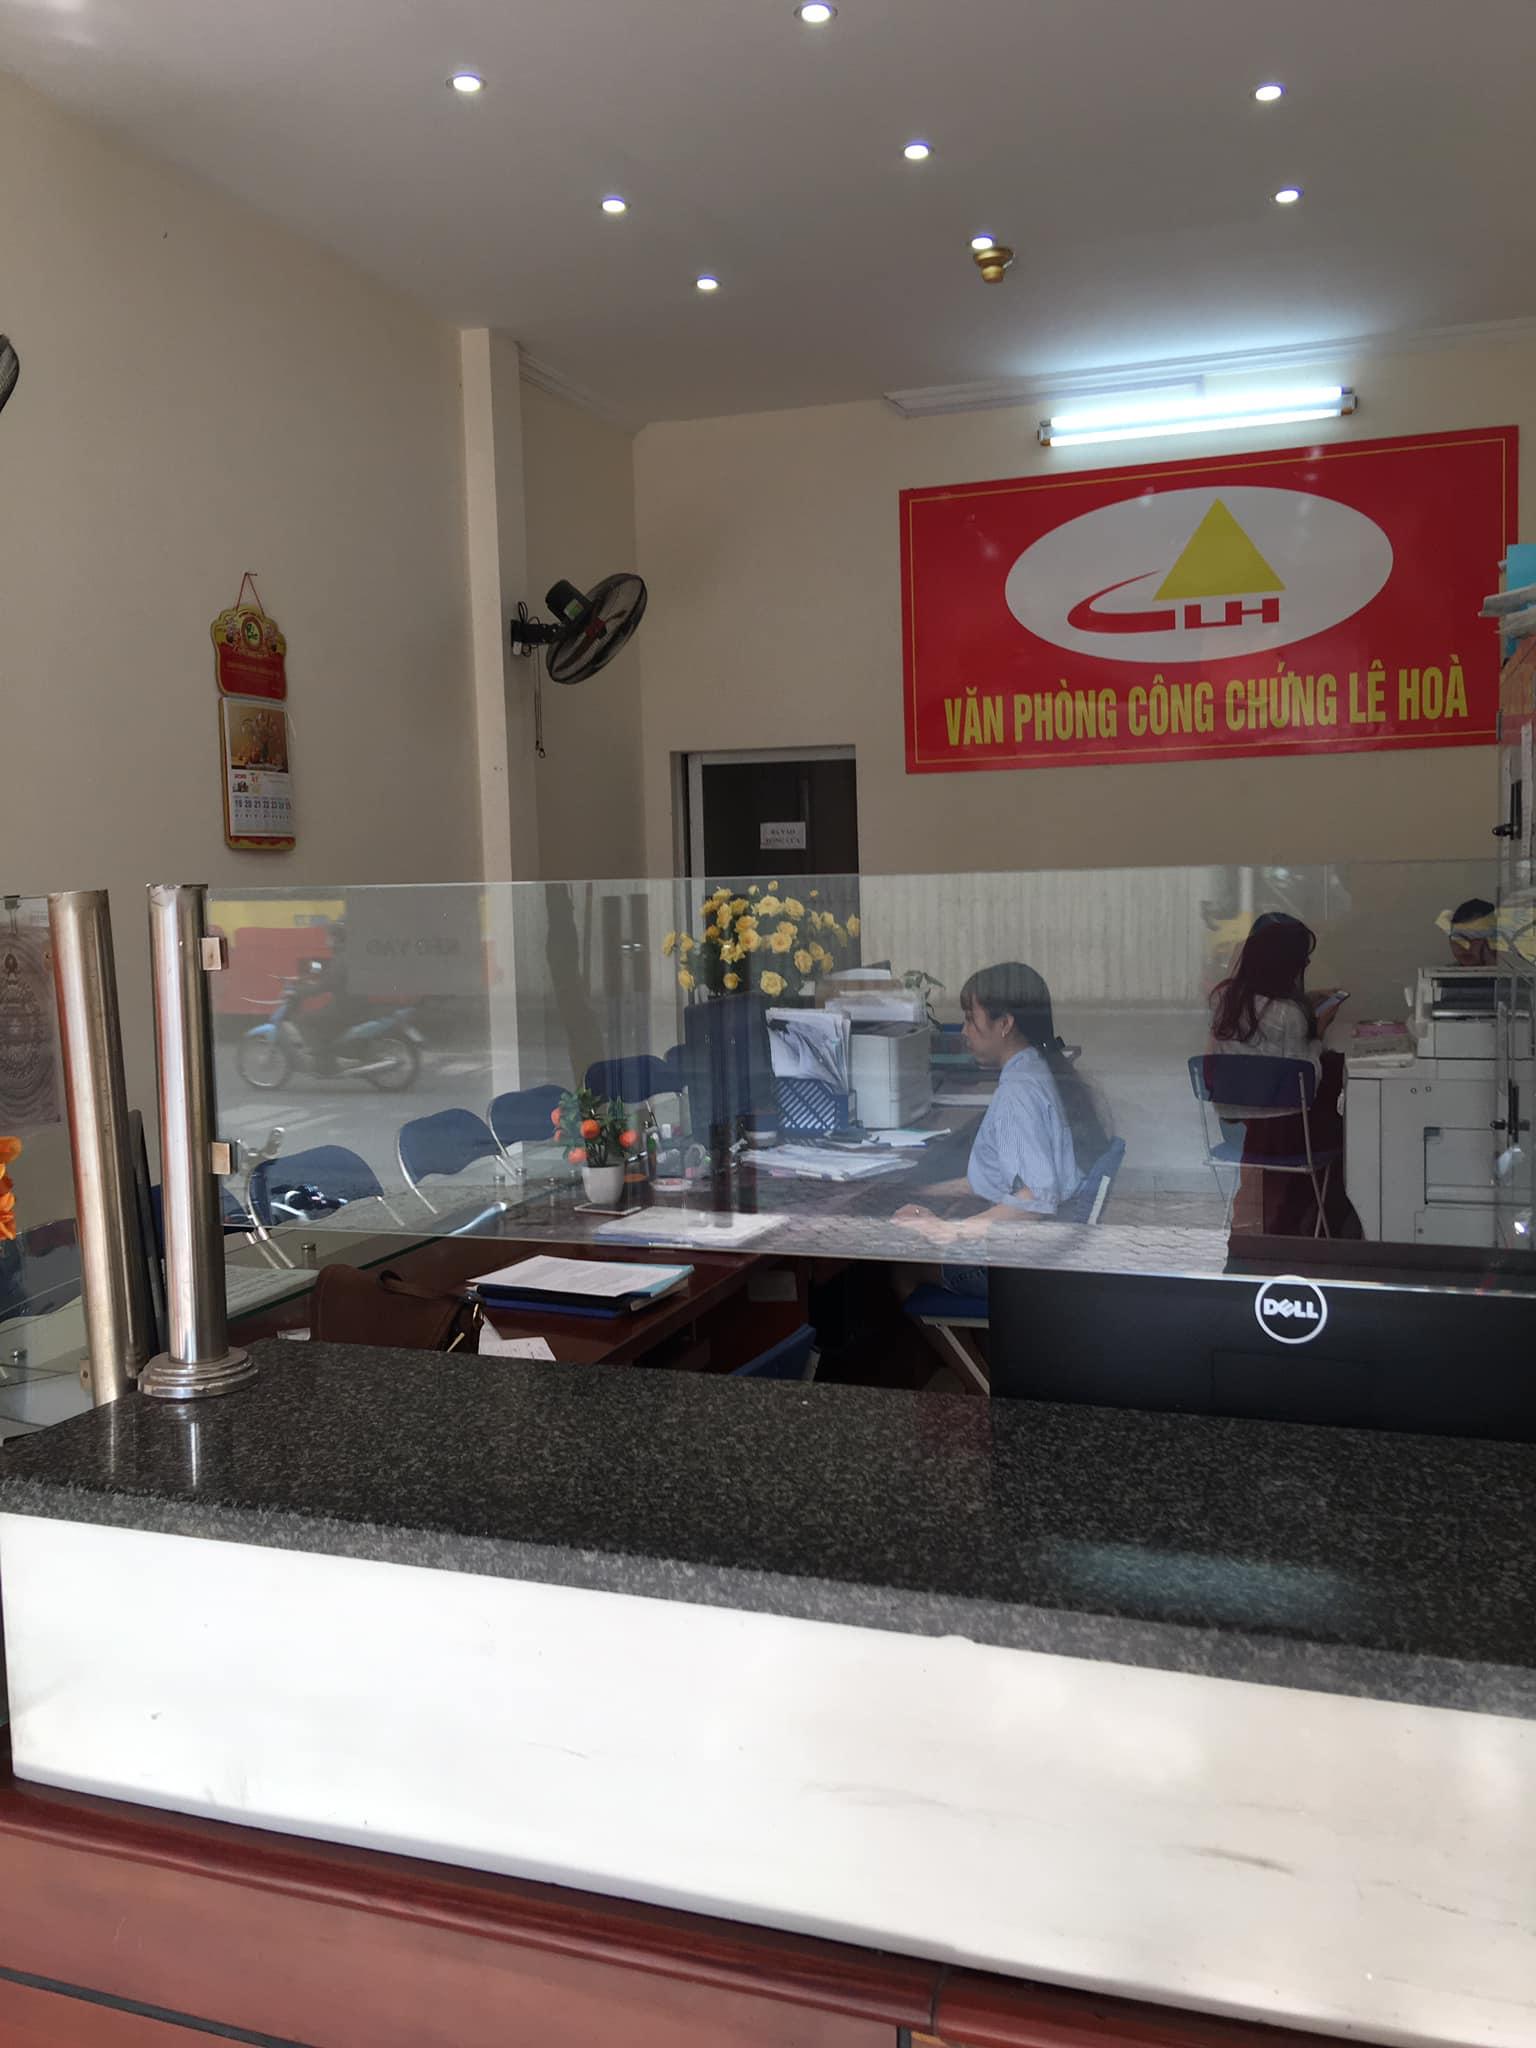 Địa chỉ văn phòng công chứng uy tín tại quận Bắc Từ Liêm